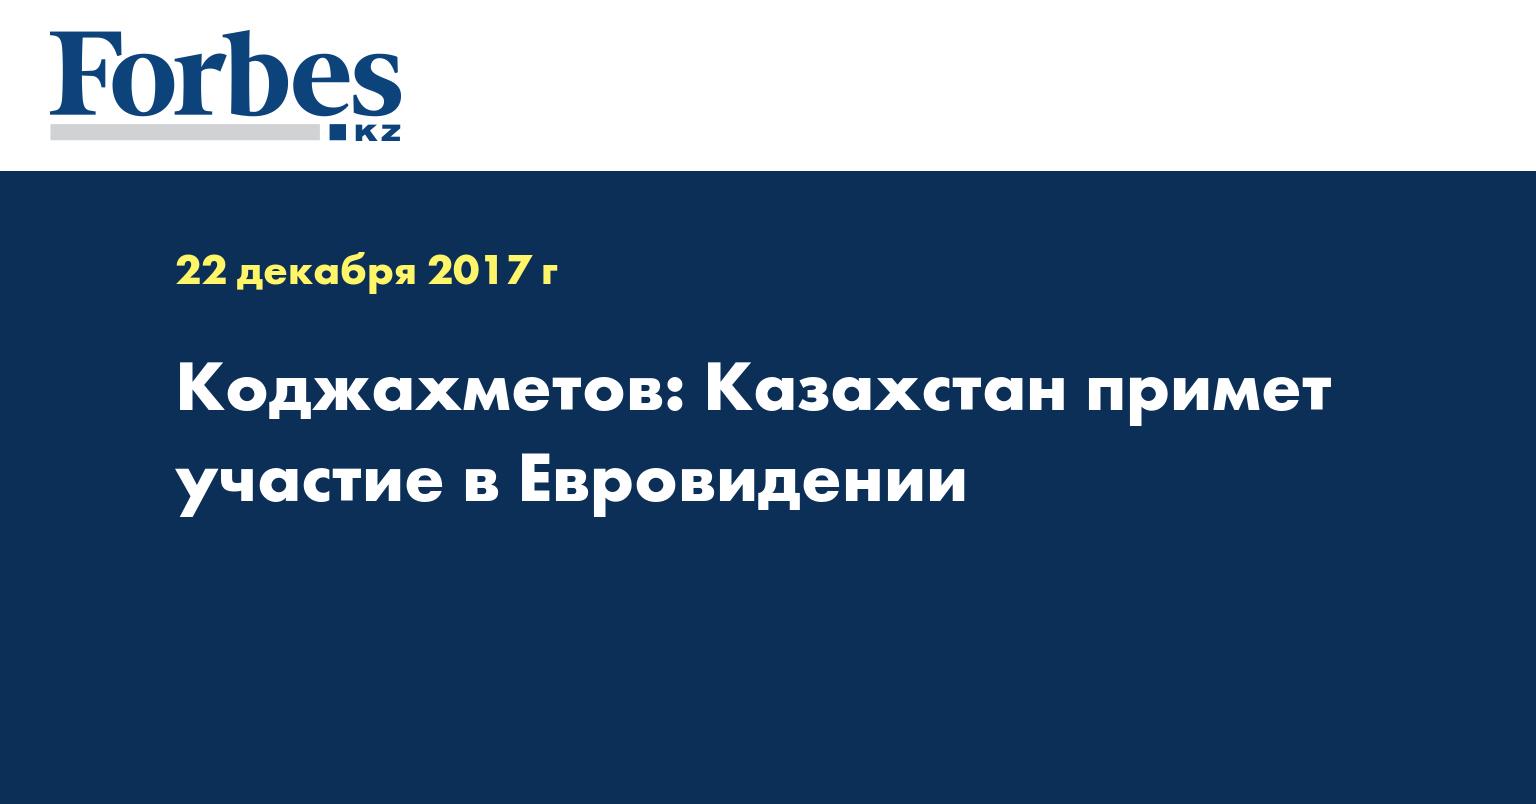 Коджахметов: Казахстан примет участие в Евровидении